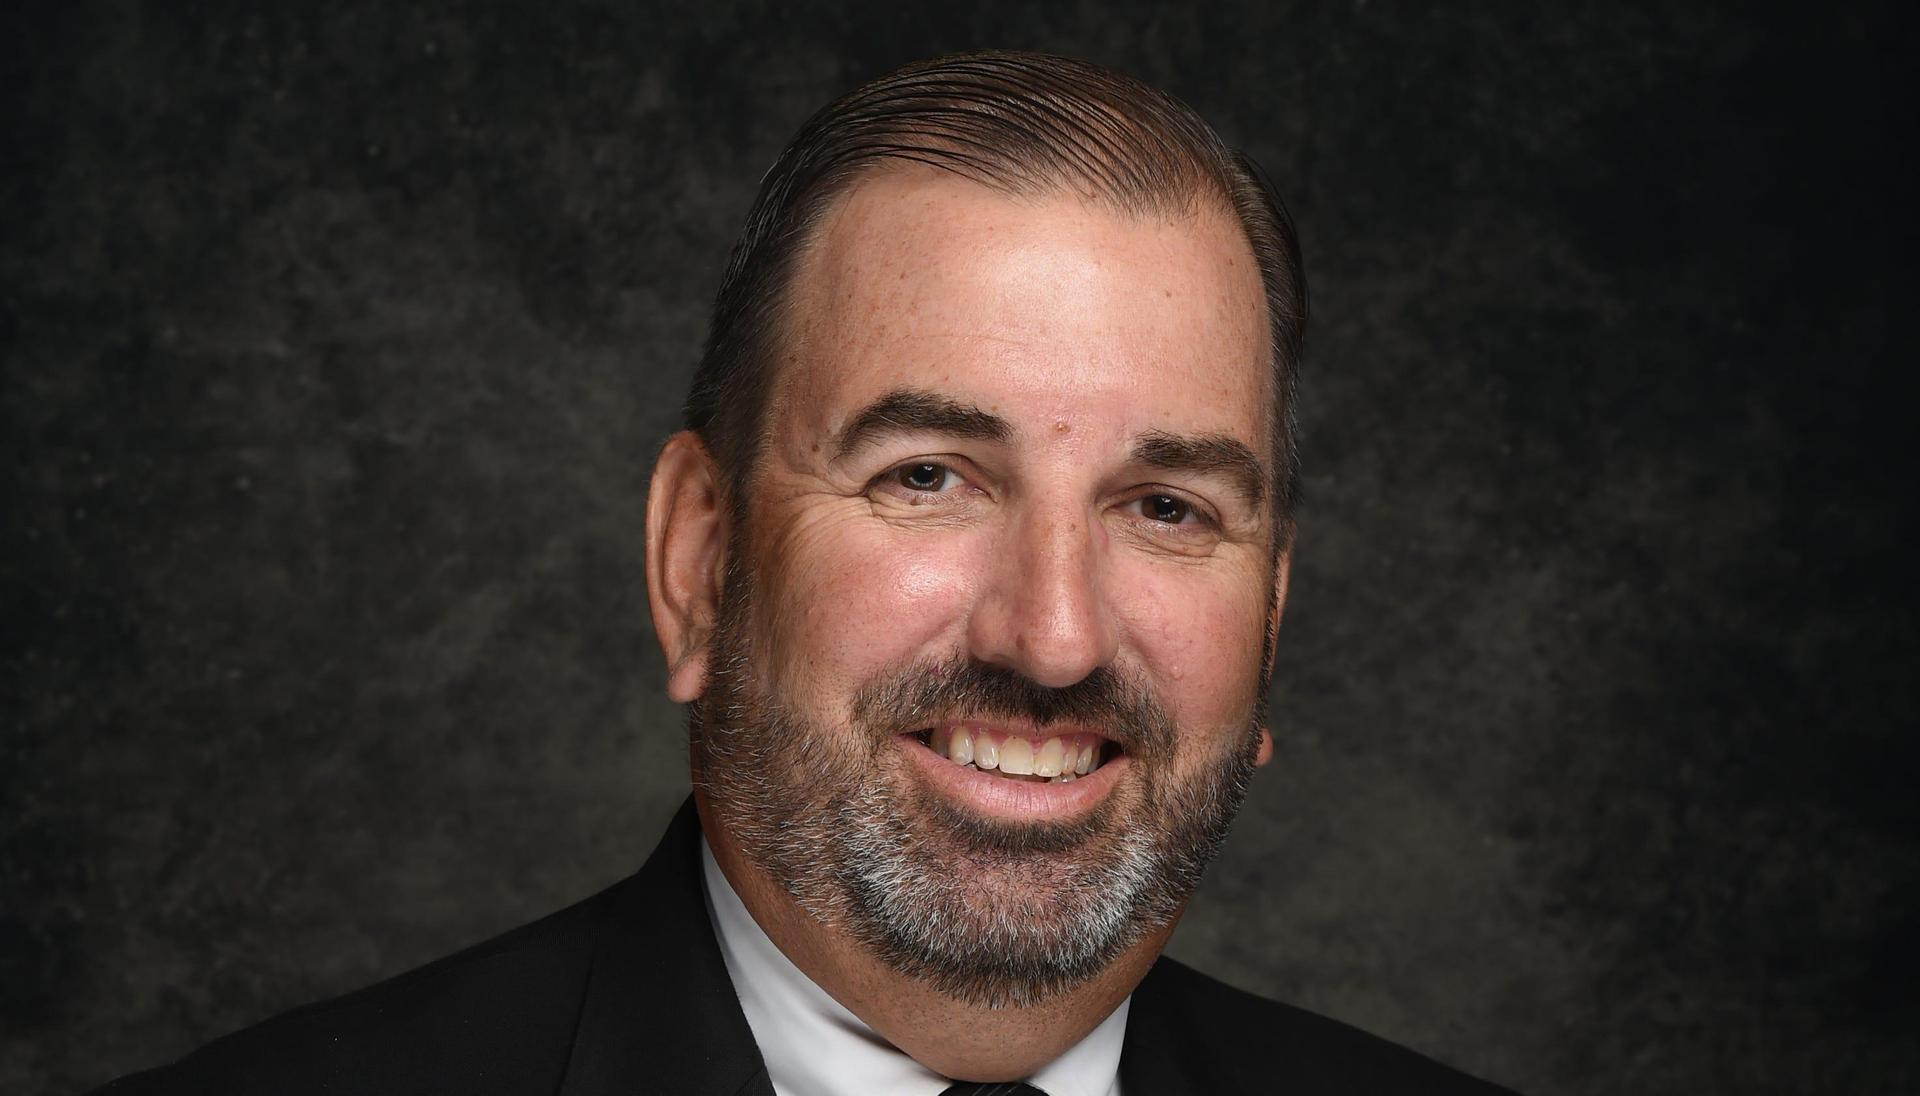 Dr. Gaddis Photo